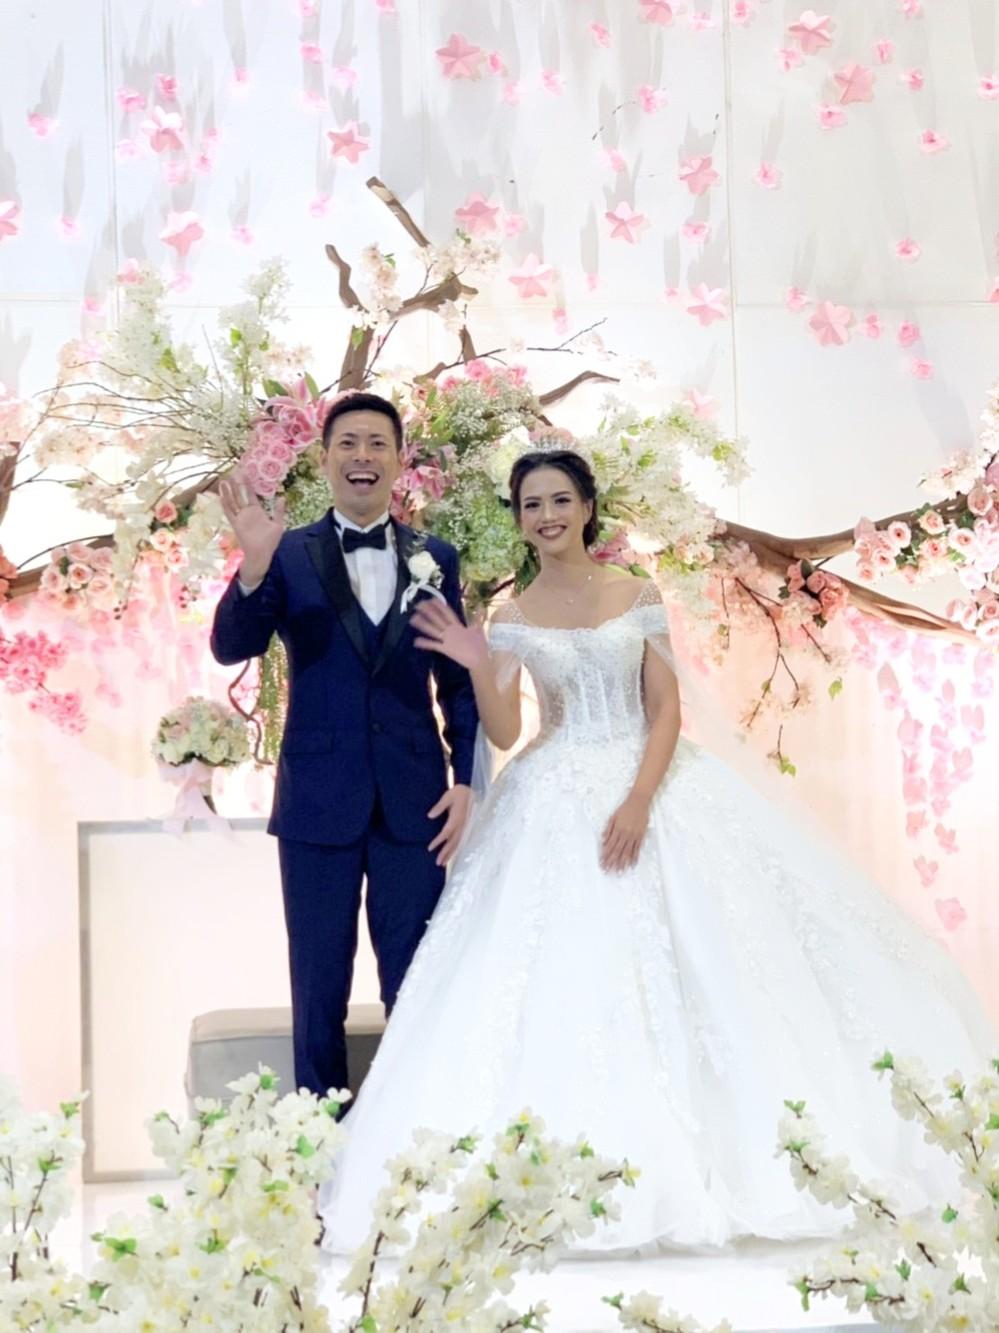 インドネシアに渡った「住みます芸人」が、元JKT48と結婚するまで 言葉もわからず苦労...現在はアジア各地で出演